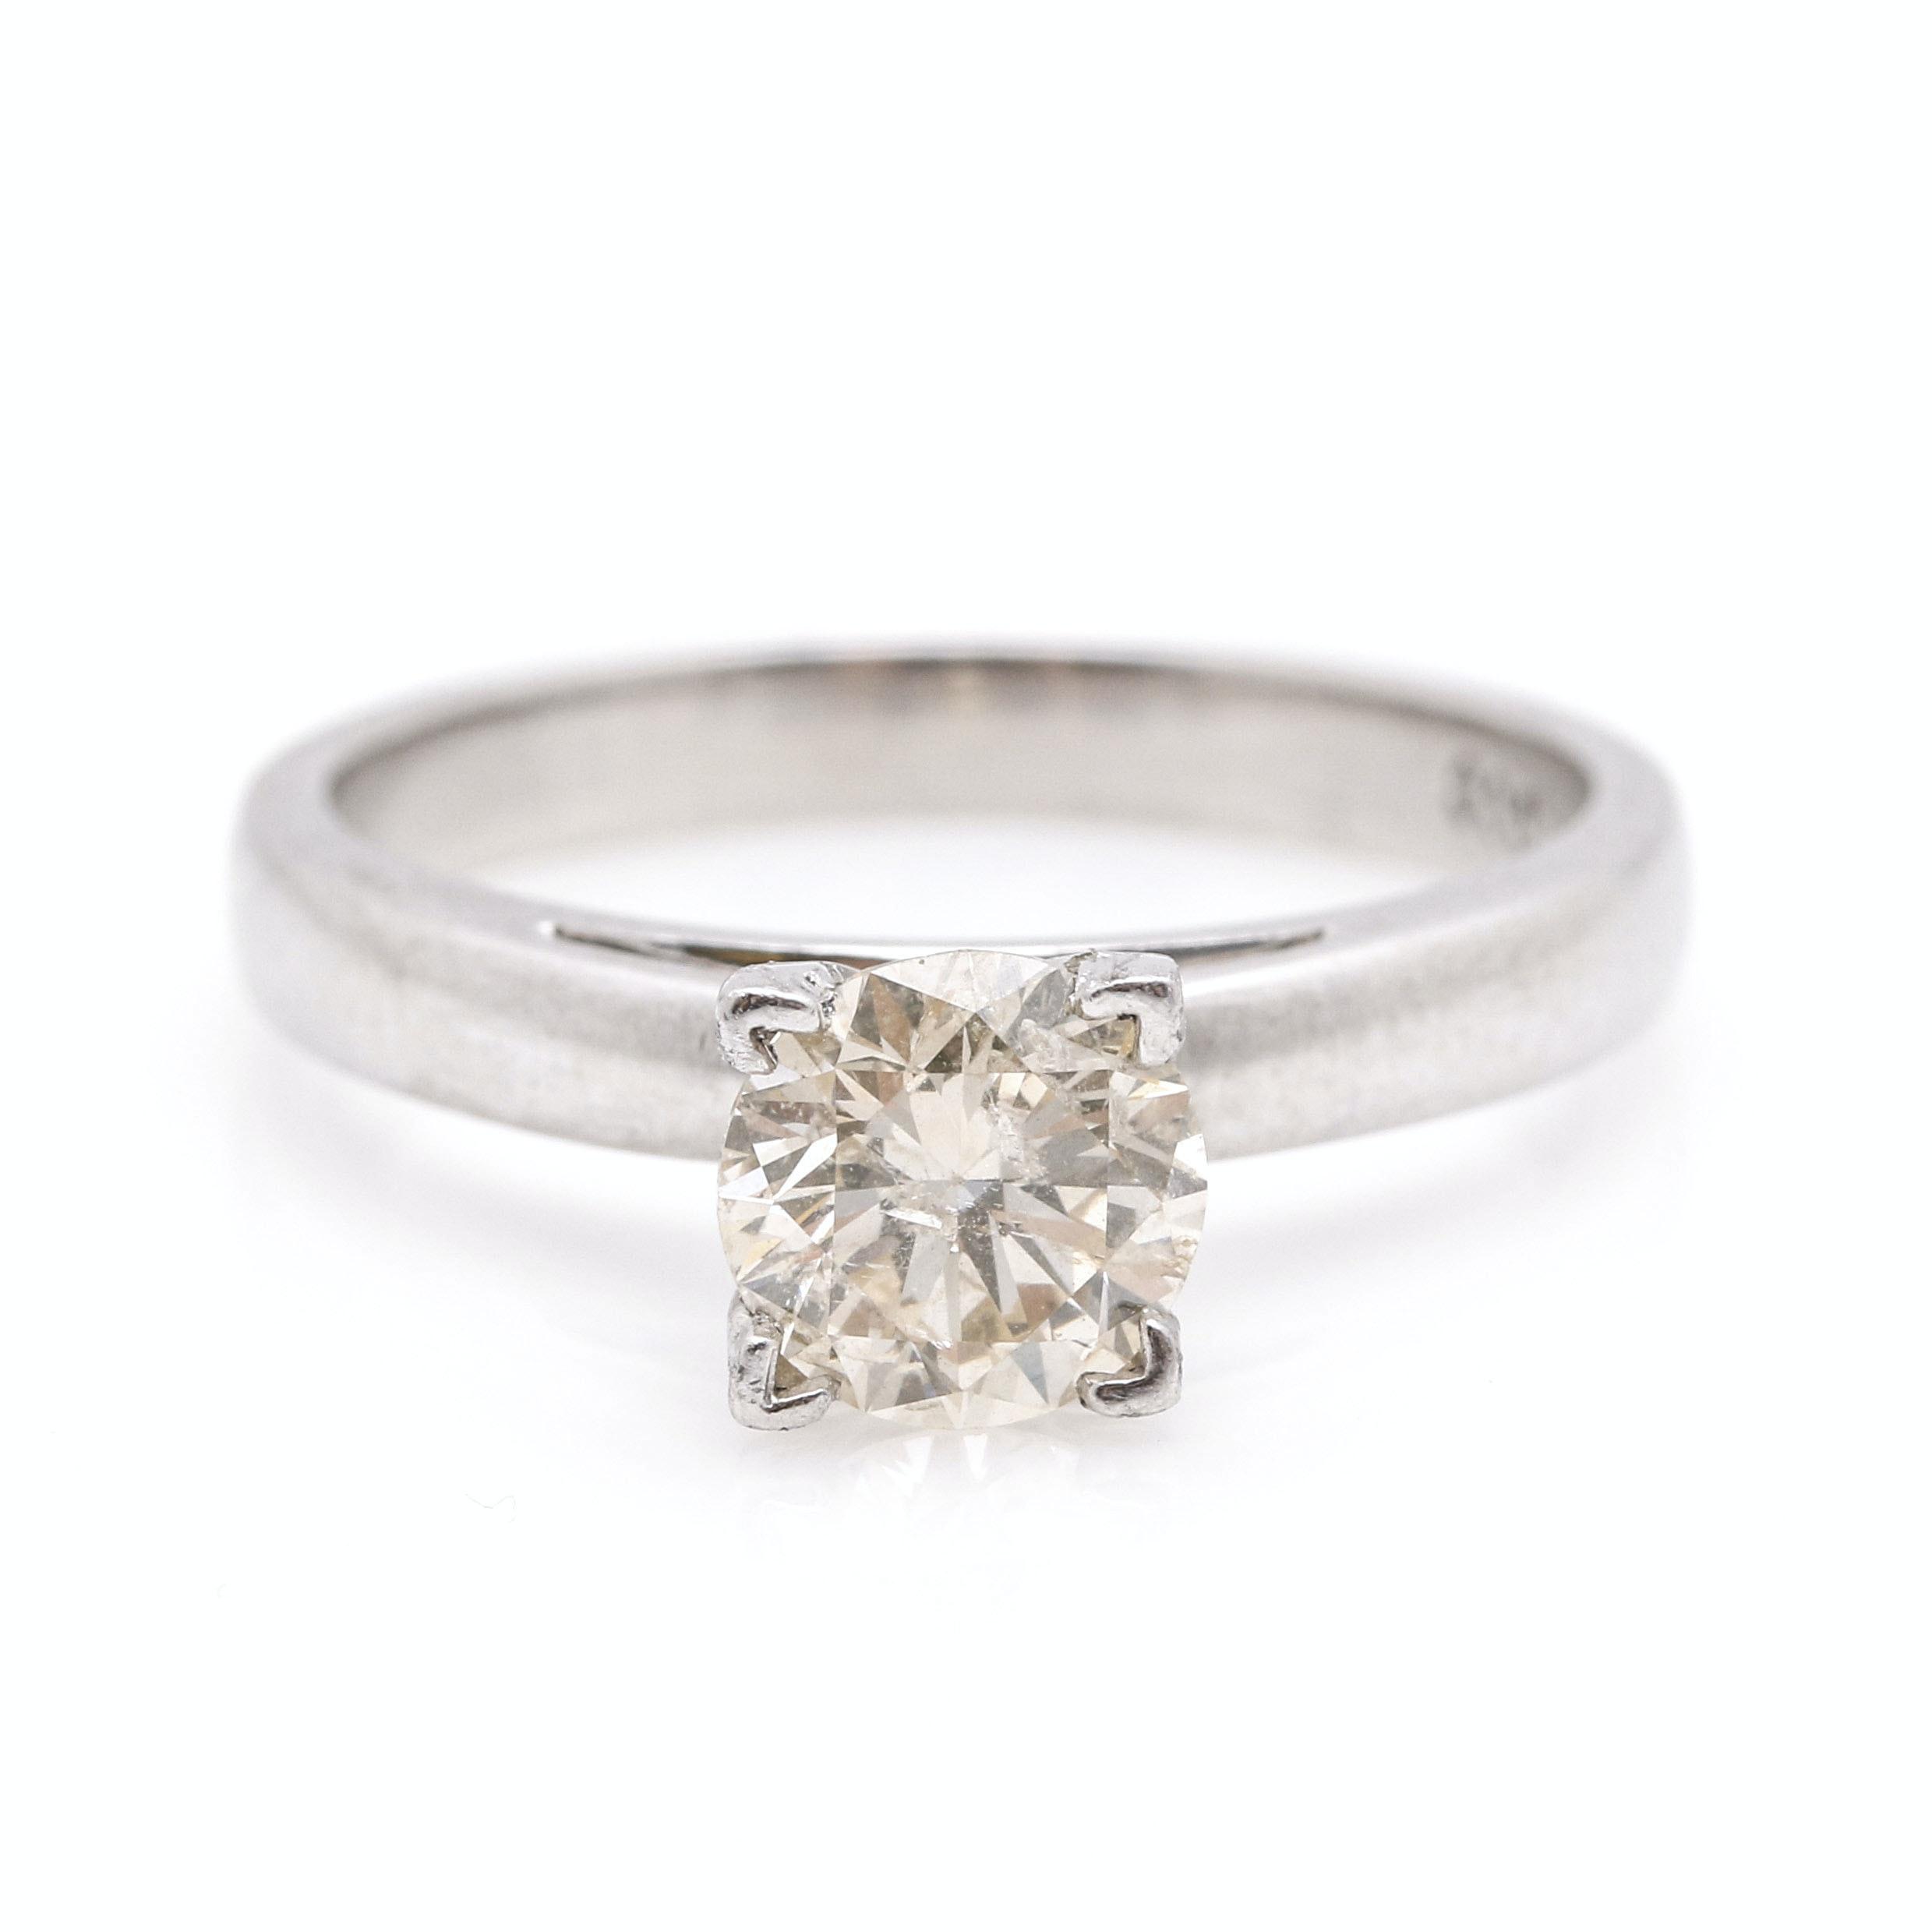 Platinum 1.01 CT Diamond Solitaire Ring